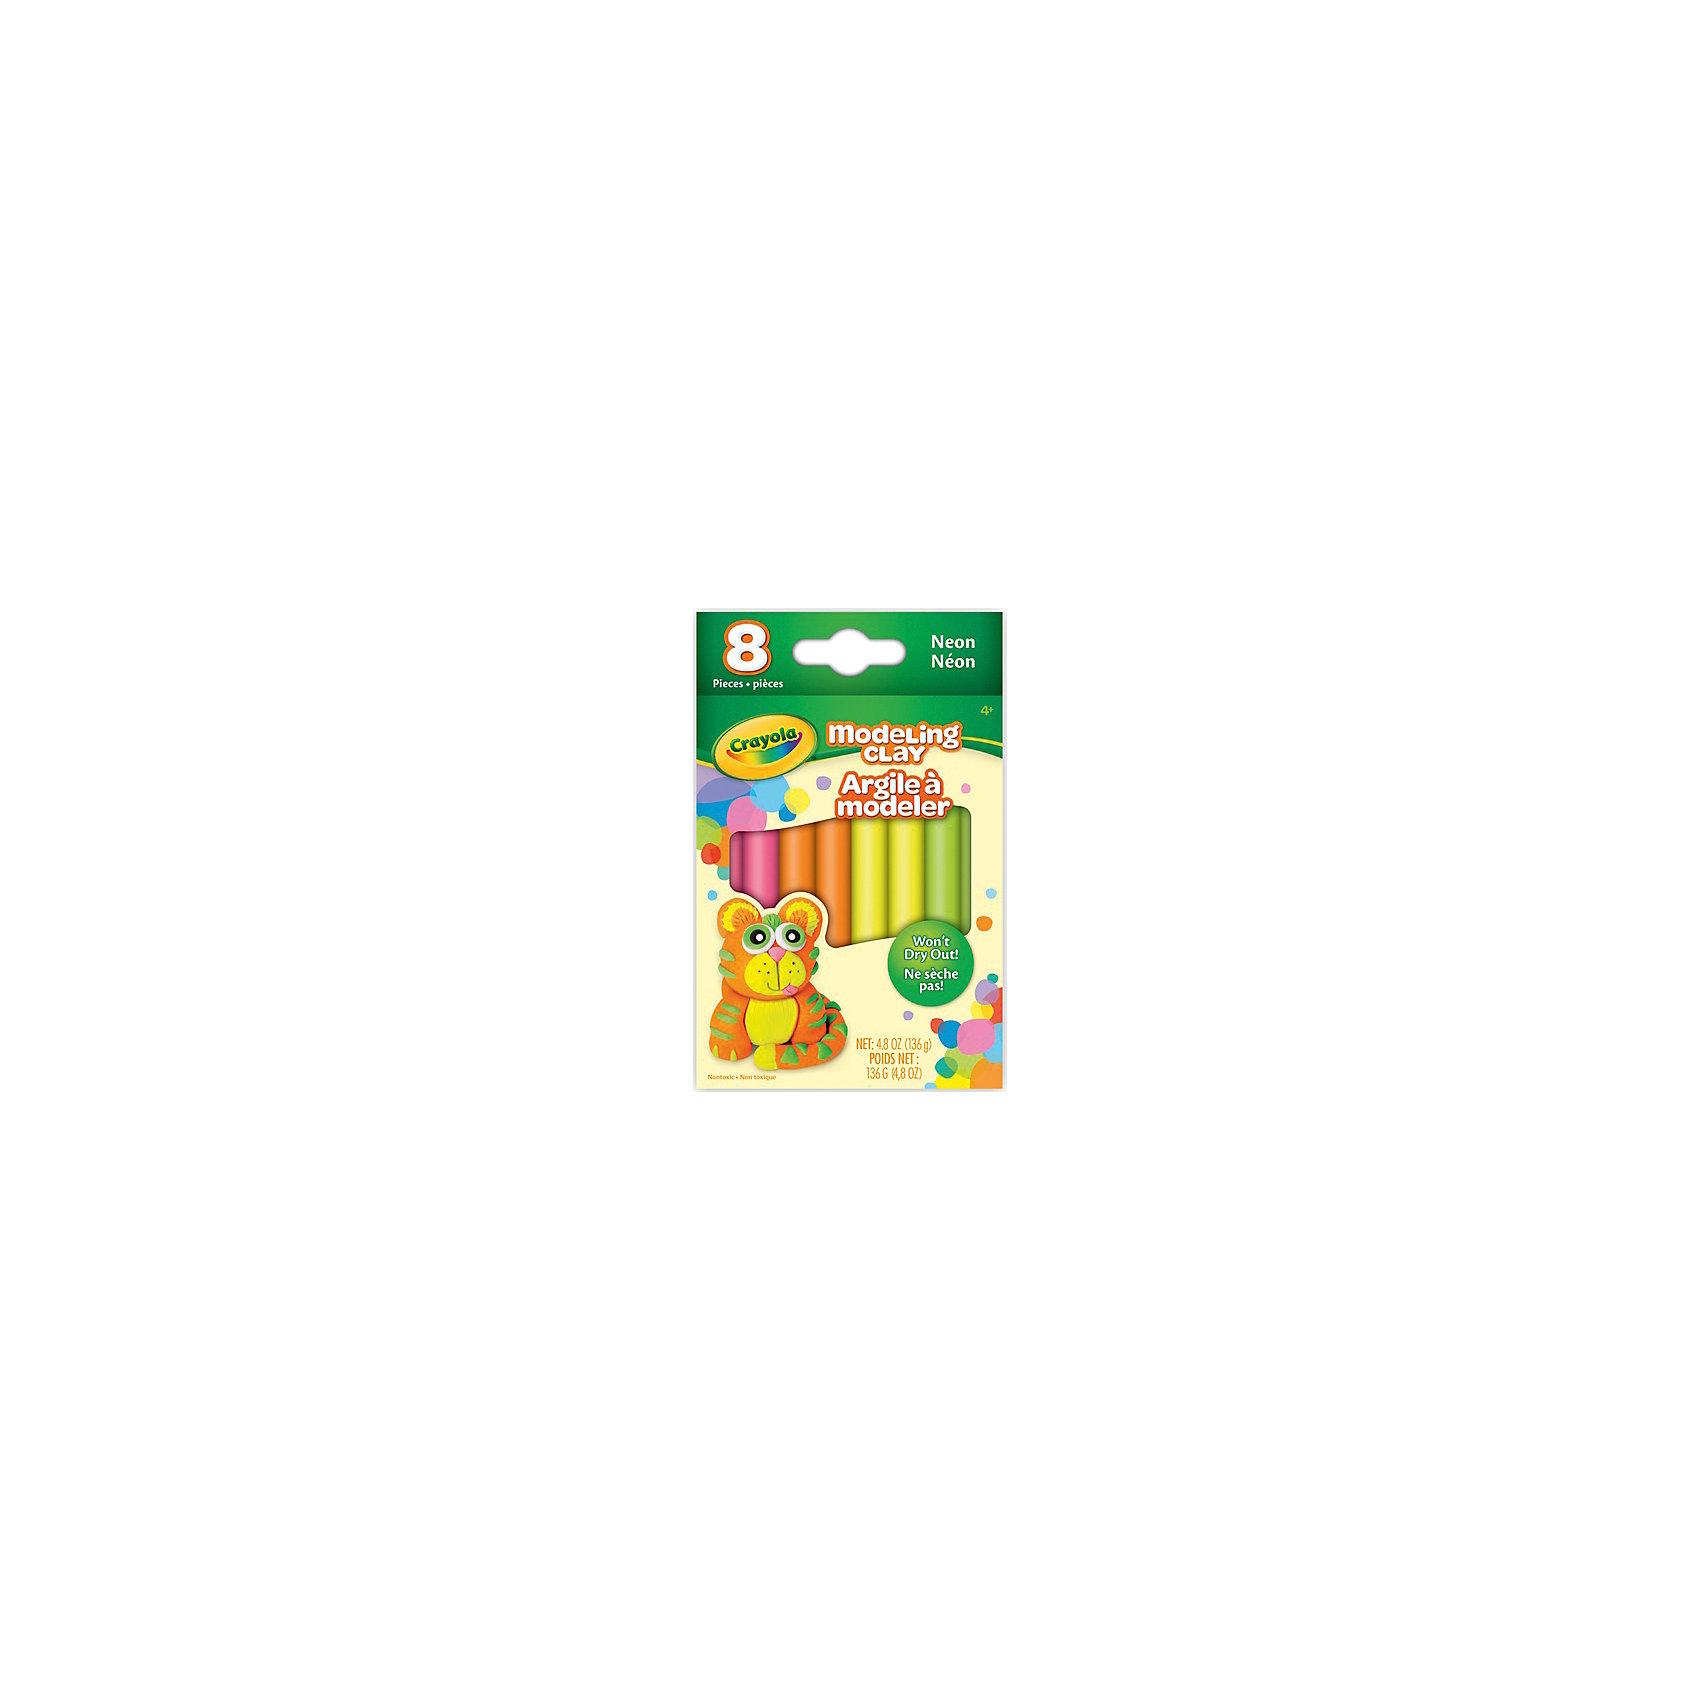 Незасыхающий пластилин Неоновый, 8 цвЛепка<br>Незасыхающий пластилин Неоновый замечательно подойдет для детского творчества и превратит лепку в увлекательное занятие. Яркие насыщенные цвета с неоновым эффектом открывают ребенку простор для творческих экспериментов и позволят создавать различные поделки.<br>Пластилин обладает отличными пластичными свойствами, не пачкается и не липнет к рукам. А если ребенок забыл убрать его в коробочку, он не затвердеет и останется таким же мягким. Цвета отлично смешиваются между собой, образуя новые оттенки. В комплект входят 8 кусочков пластилина разных цветов. Занятия лепкой развивают у ребенка фантазию, творческие способности и объемное воображение, тренируют координацию движений и мелкую моторику.<br><br>Дополнительная информация:<br><br>- В комплекте: 8 цветов по 17 гр. каждый.<br>- Размер упаковки: 10 х 1 х 13 см.<br>- Вес: 168 гр.<br><br>Незасыхающий пластилин Неоновый, 8 цв., Crayola (Крайола) можно купить в нашем интернет-магазине.<br><br>Ширина мм: 89<br>Глубина мм: 135<br>Высота мм: 130<br>Вес г: 168<br>Возраст от месяцев: 48<br>Возраст до месяцев: 108<br>Пол: Унисекс<br>Возраст: Детский<br>SKU: 4701823